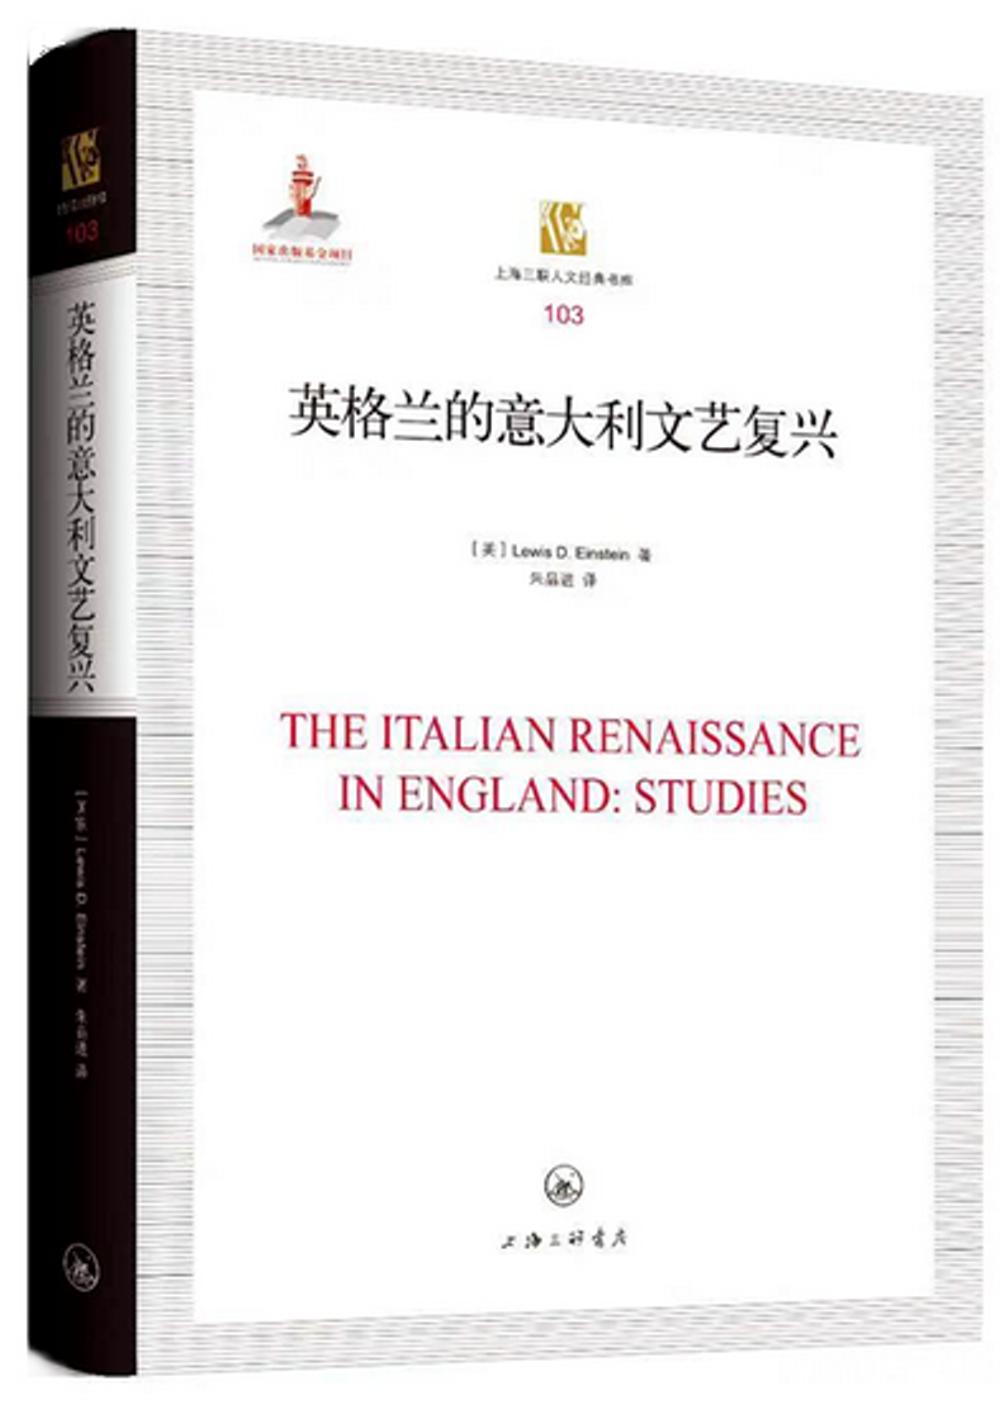 英格蘭的義大利文藝復興